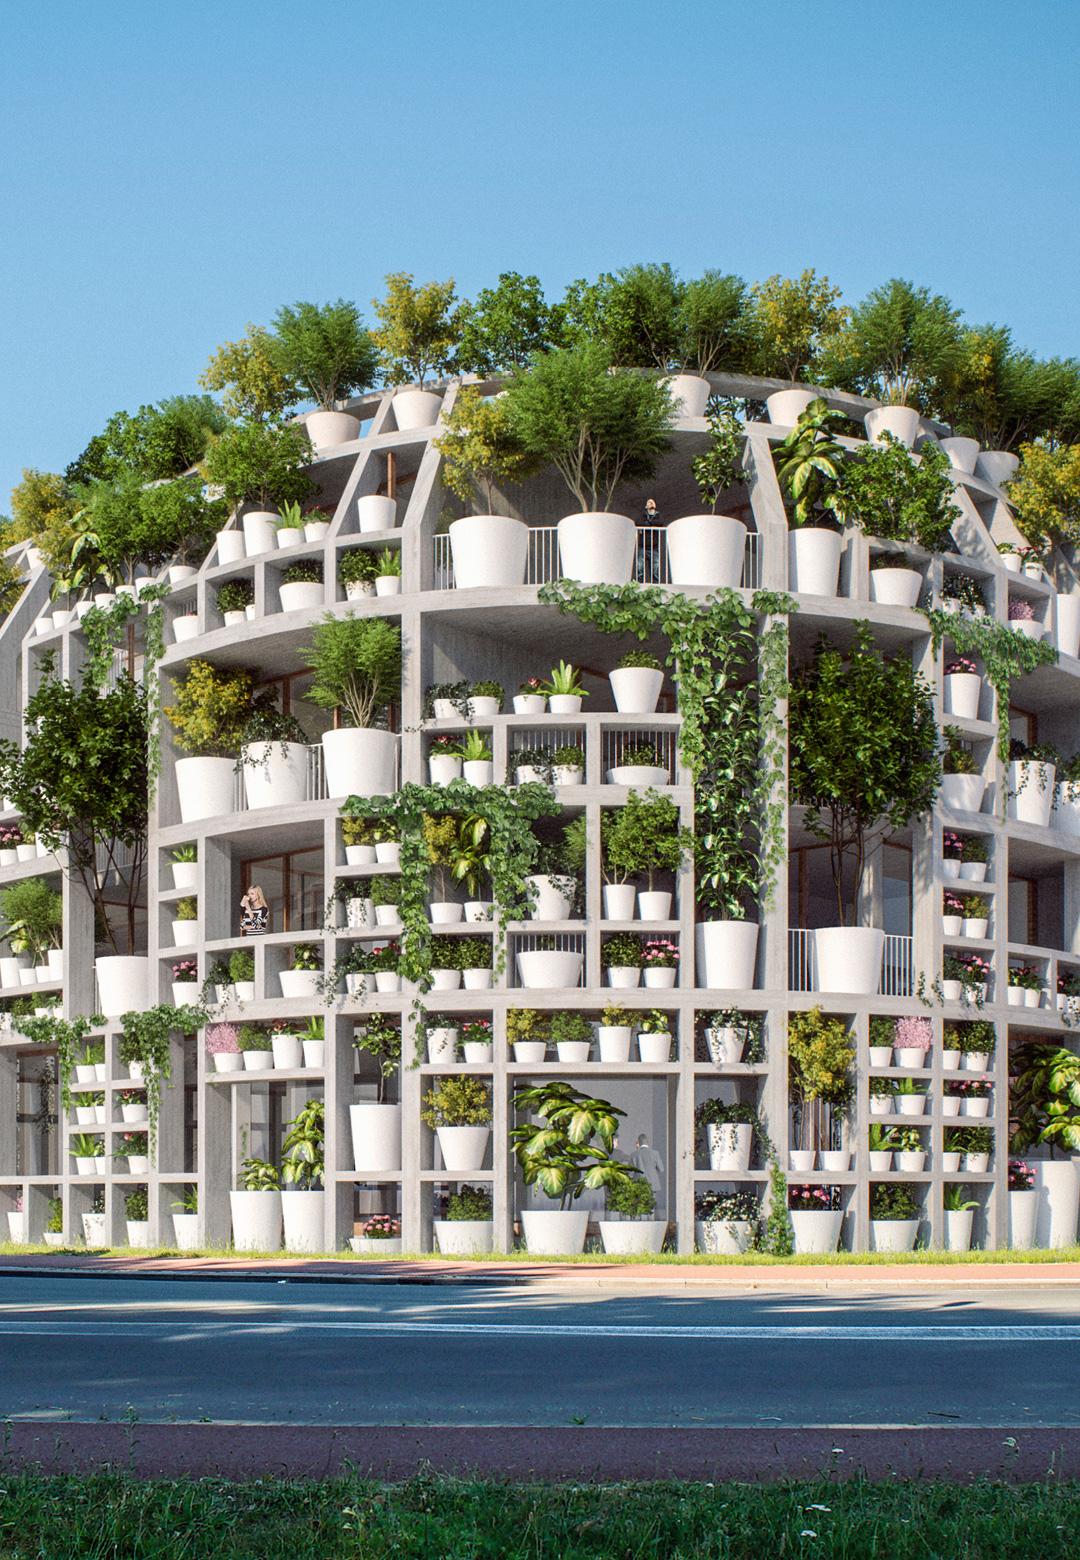 The Green Villa in Netherlands, as envisioned by MVRDV   Green Villa   MVRDV   Van Boven Architecten   STIR